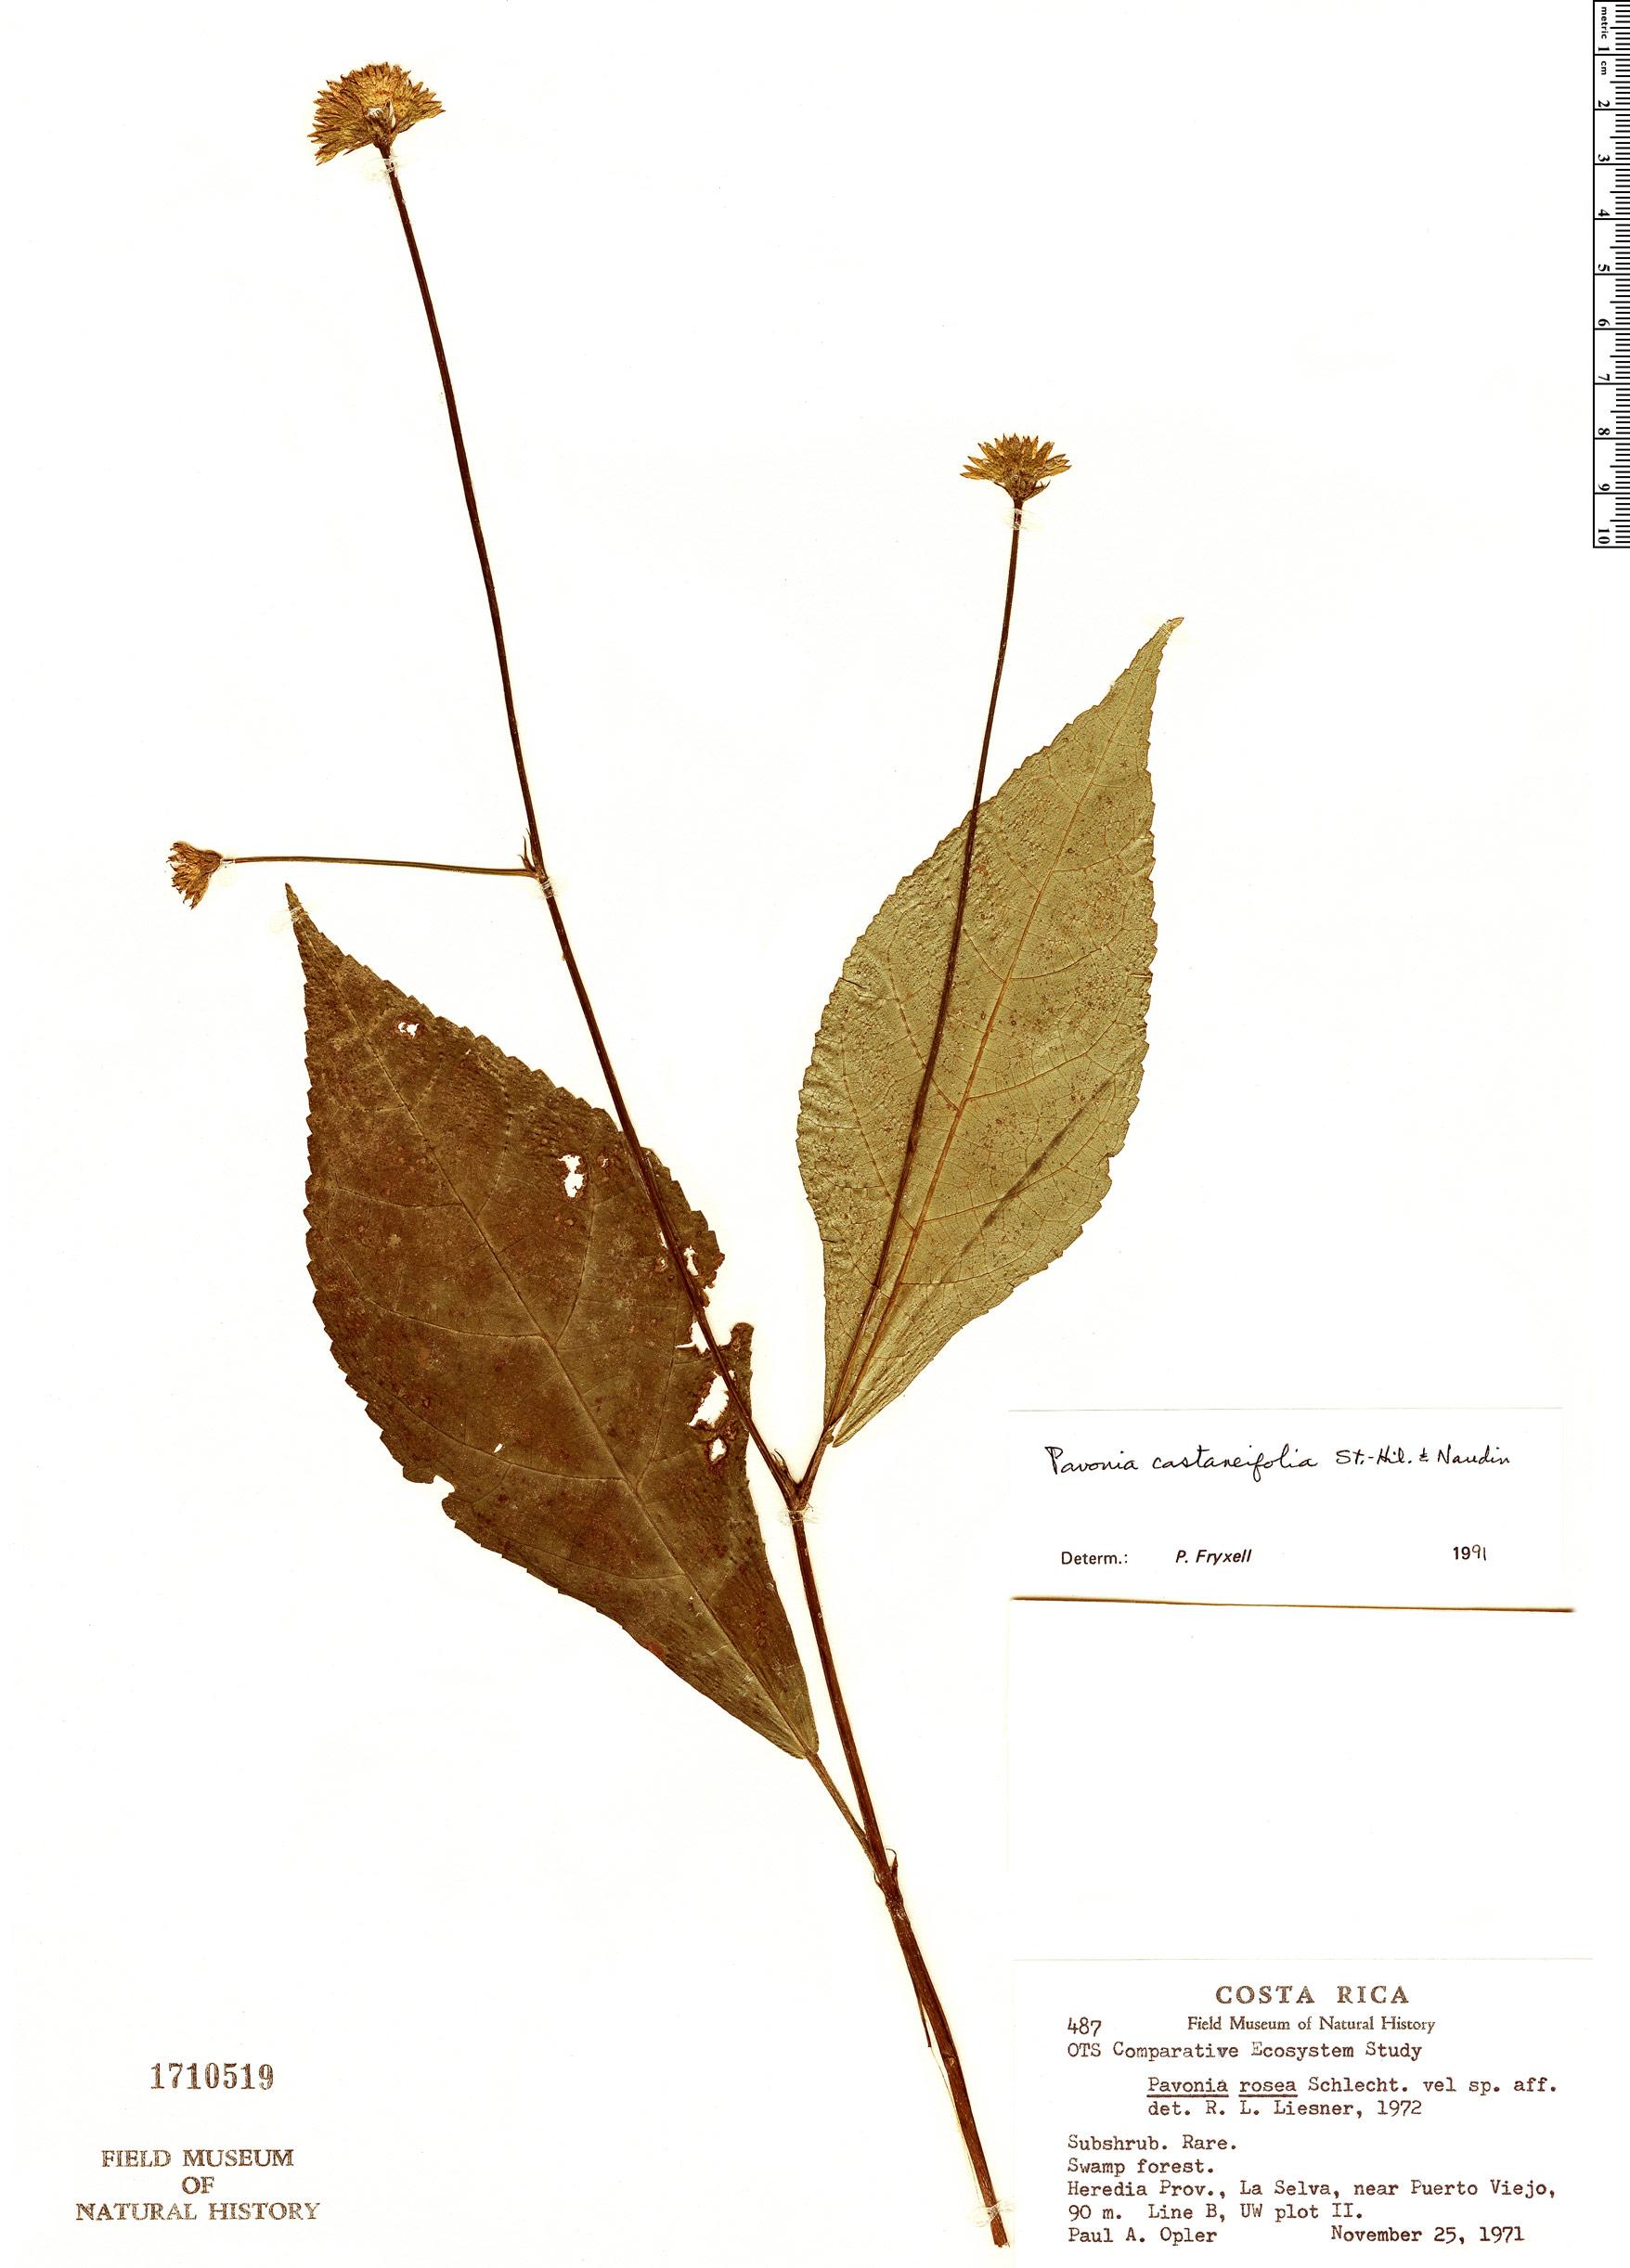 Specimen: Pavonia castaneifolia